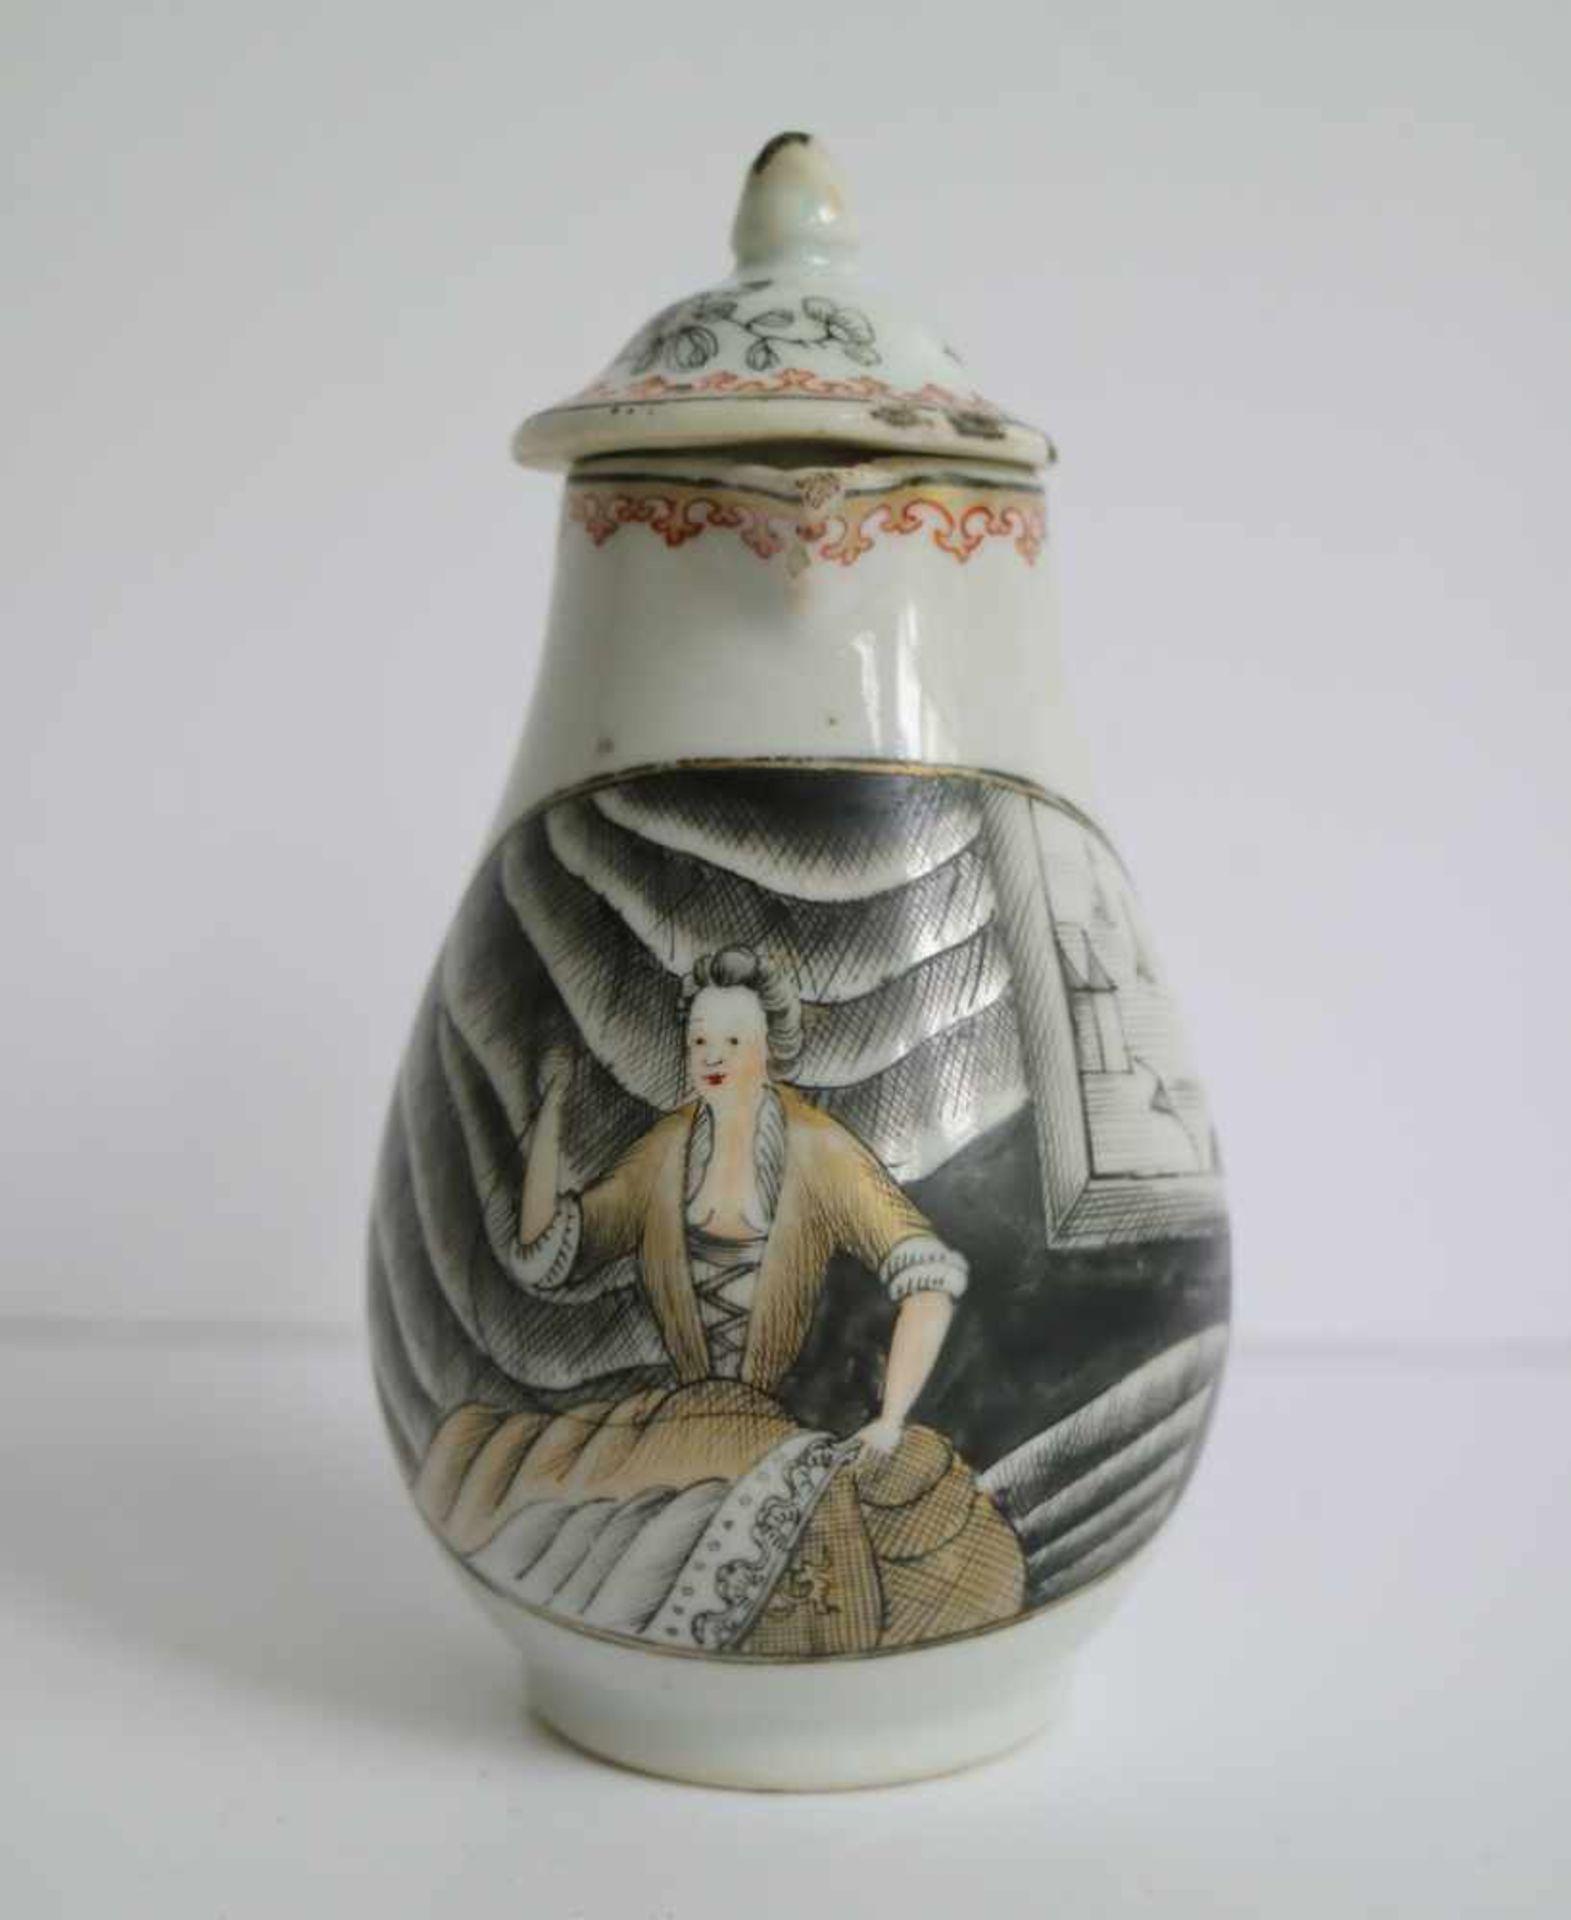 Los 501 - Chinese teapot Teapot encre de chine 18th century H 13 cm